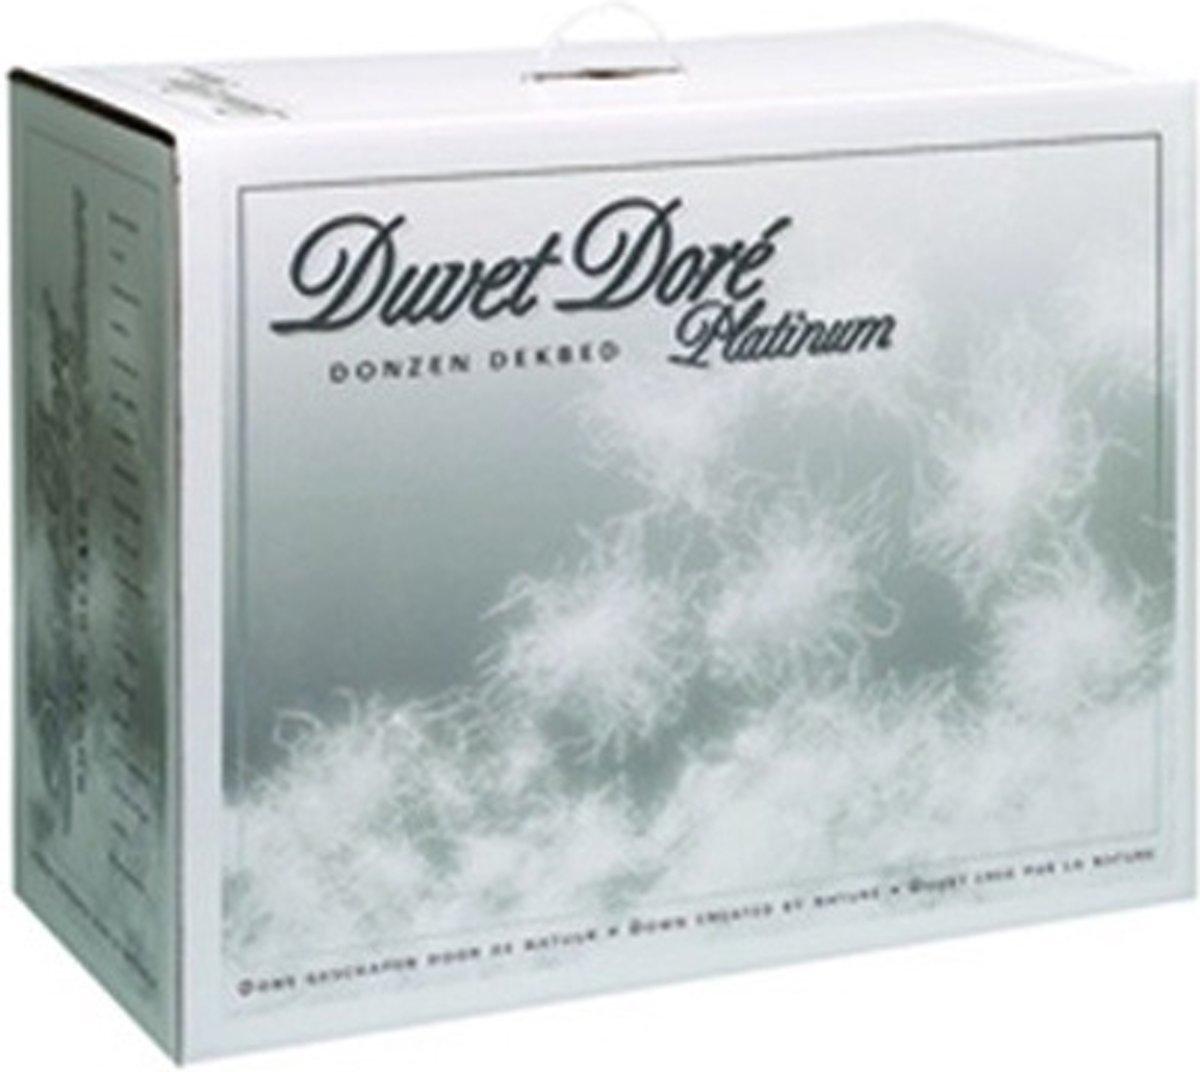 Duvet Doré Platinum 4-Seizoenen Donzen Dekbed - Lits-jumeaux - 240x220 cm - Wit kopen